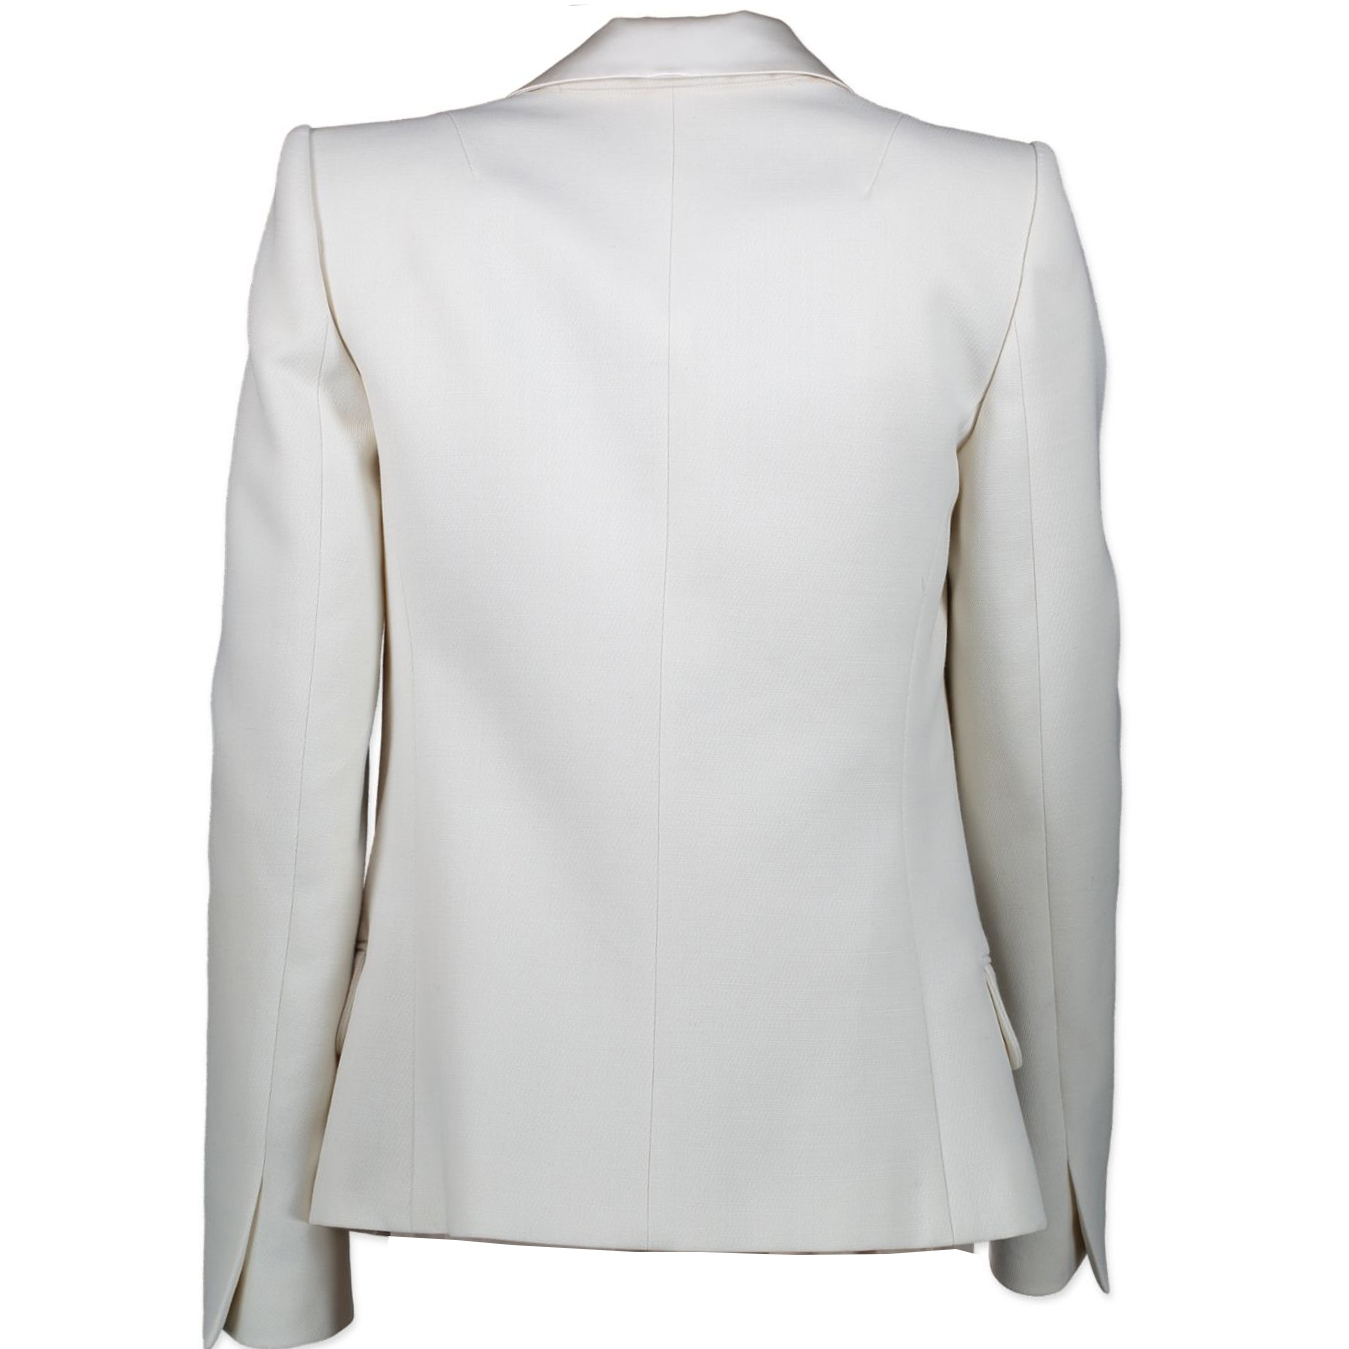 Balmain White Wool Lapel Blazer - size 34 (